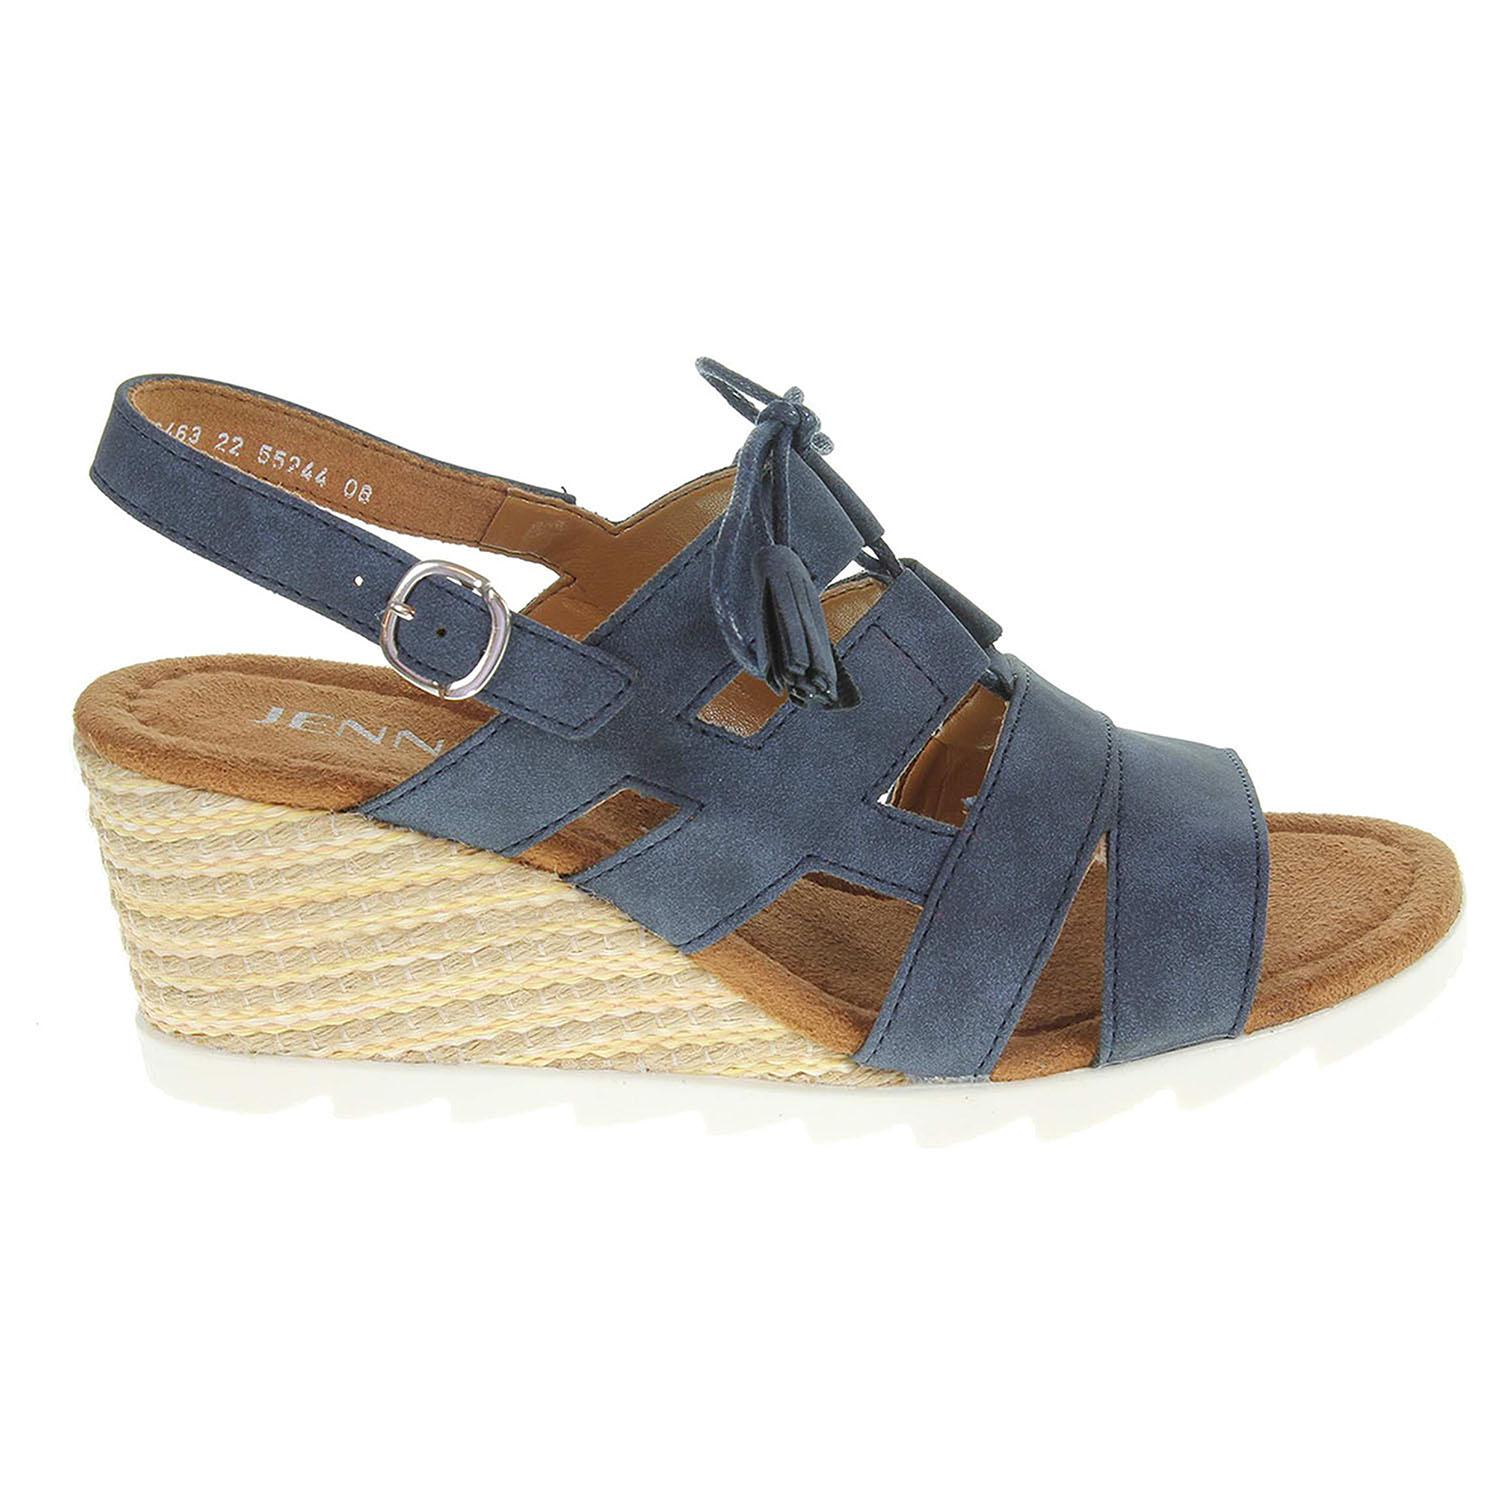 Ecco Ara dámské sandály 55244-08 modré 23801201